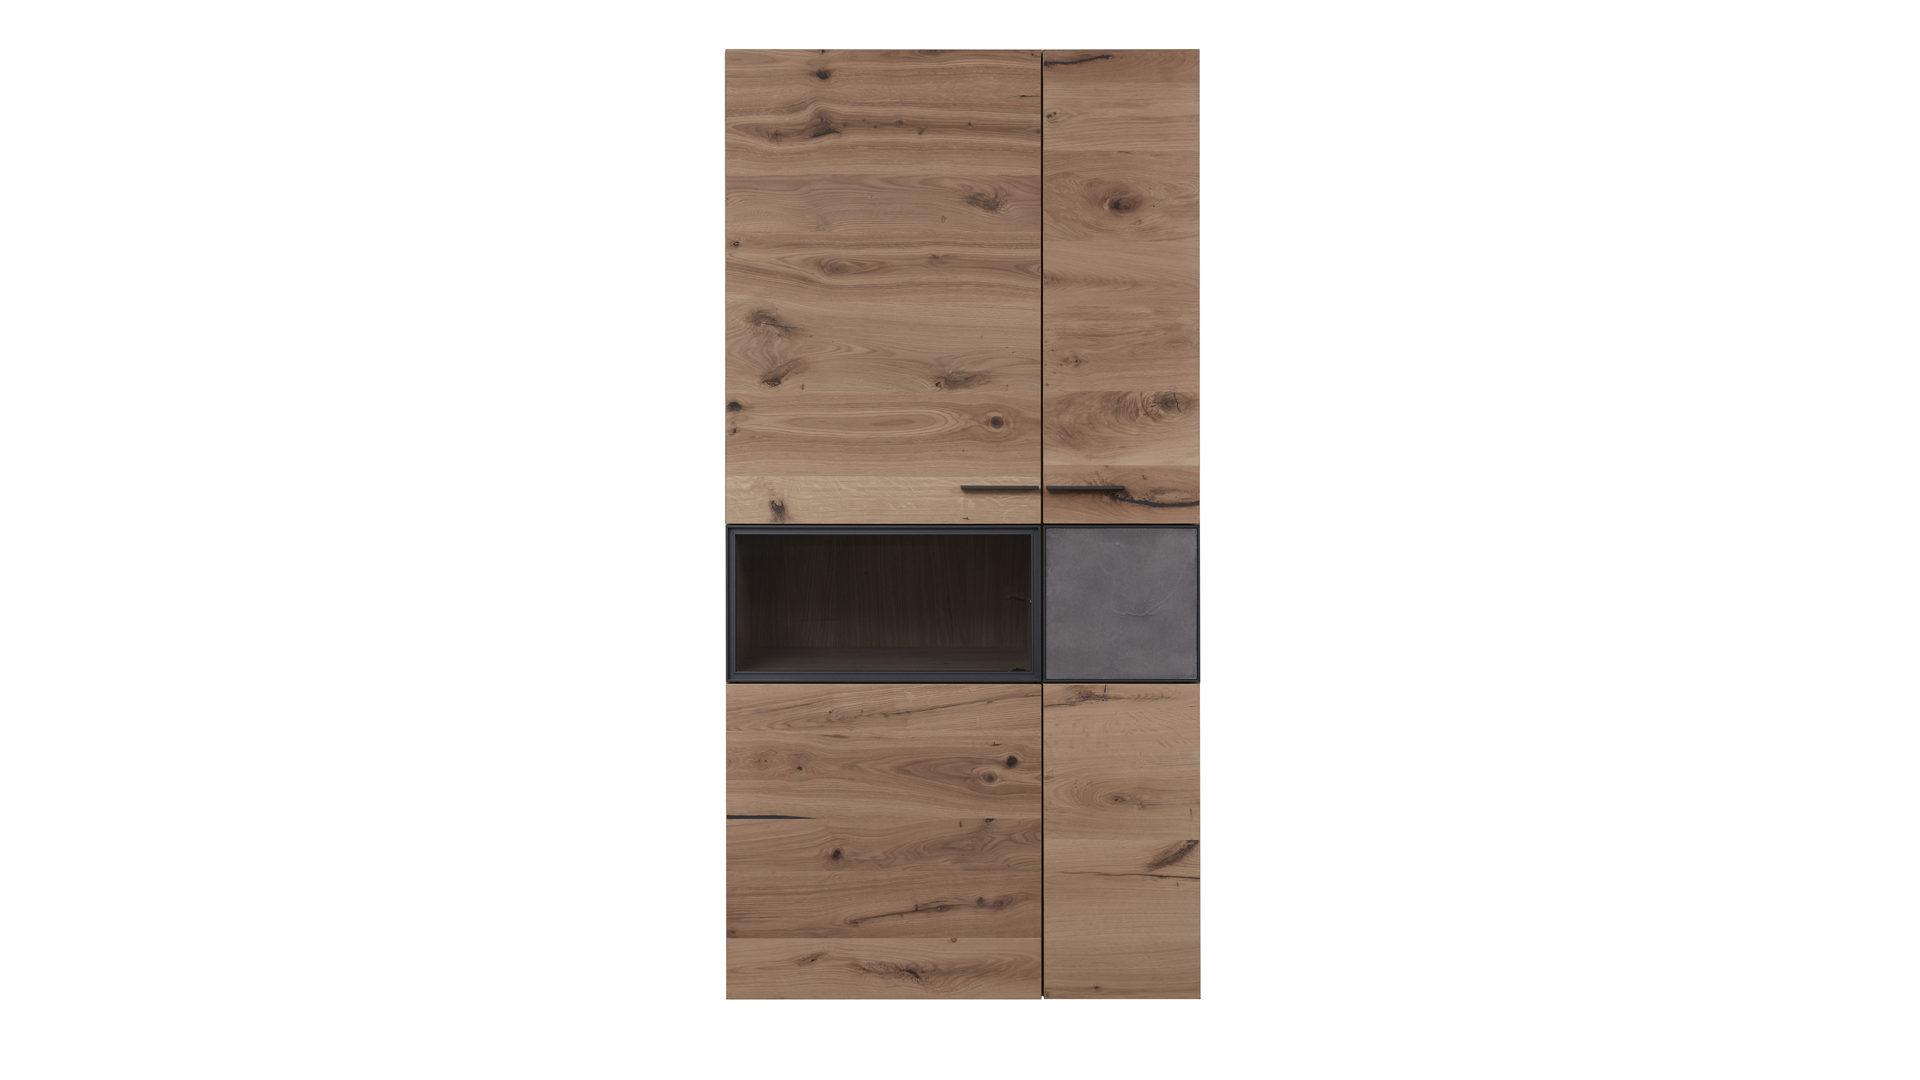 vitrine voglauer il aus holz in holzfarben interliving wohnzimmer serie 2004 vitrine wildeiche